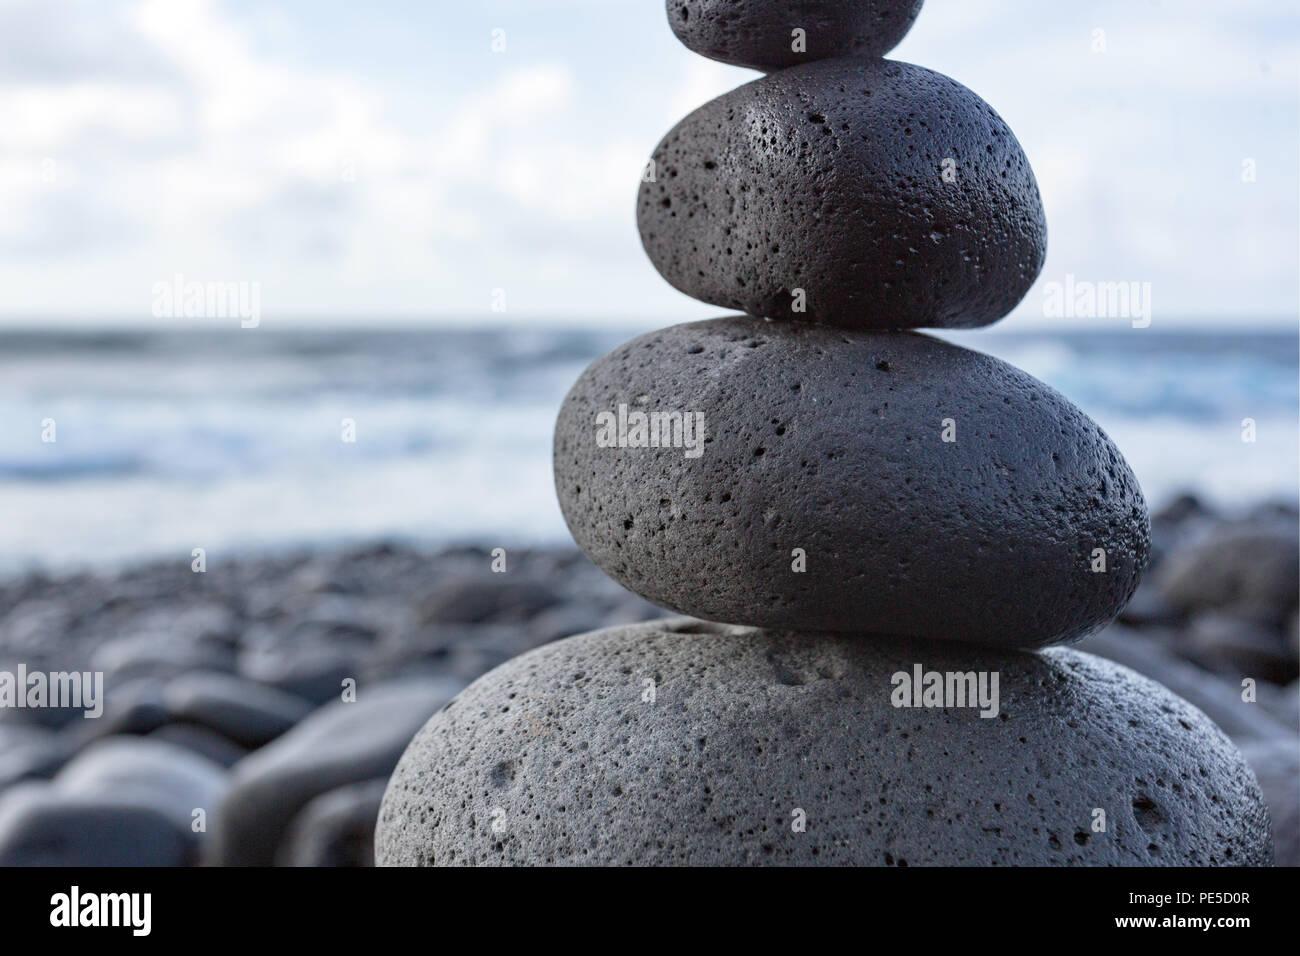 Detalle de equilibrado piedras apiladas o guijarros en una playa con el horizonte en el fondo. Imagen De Stock